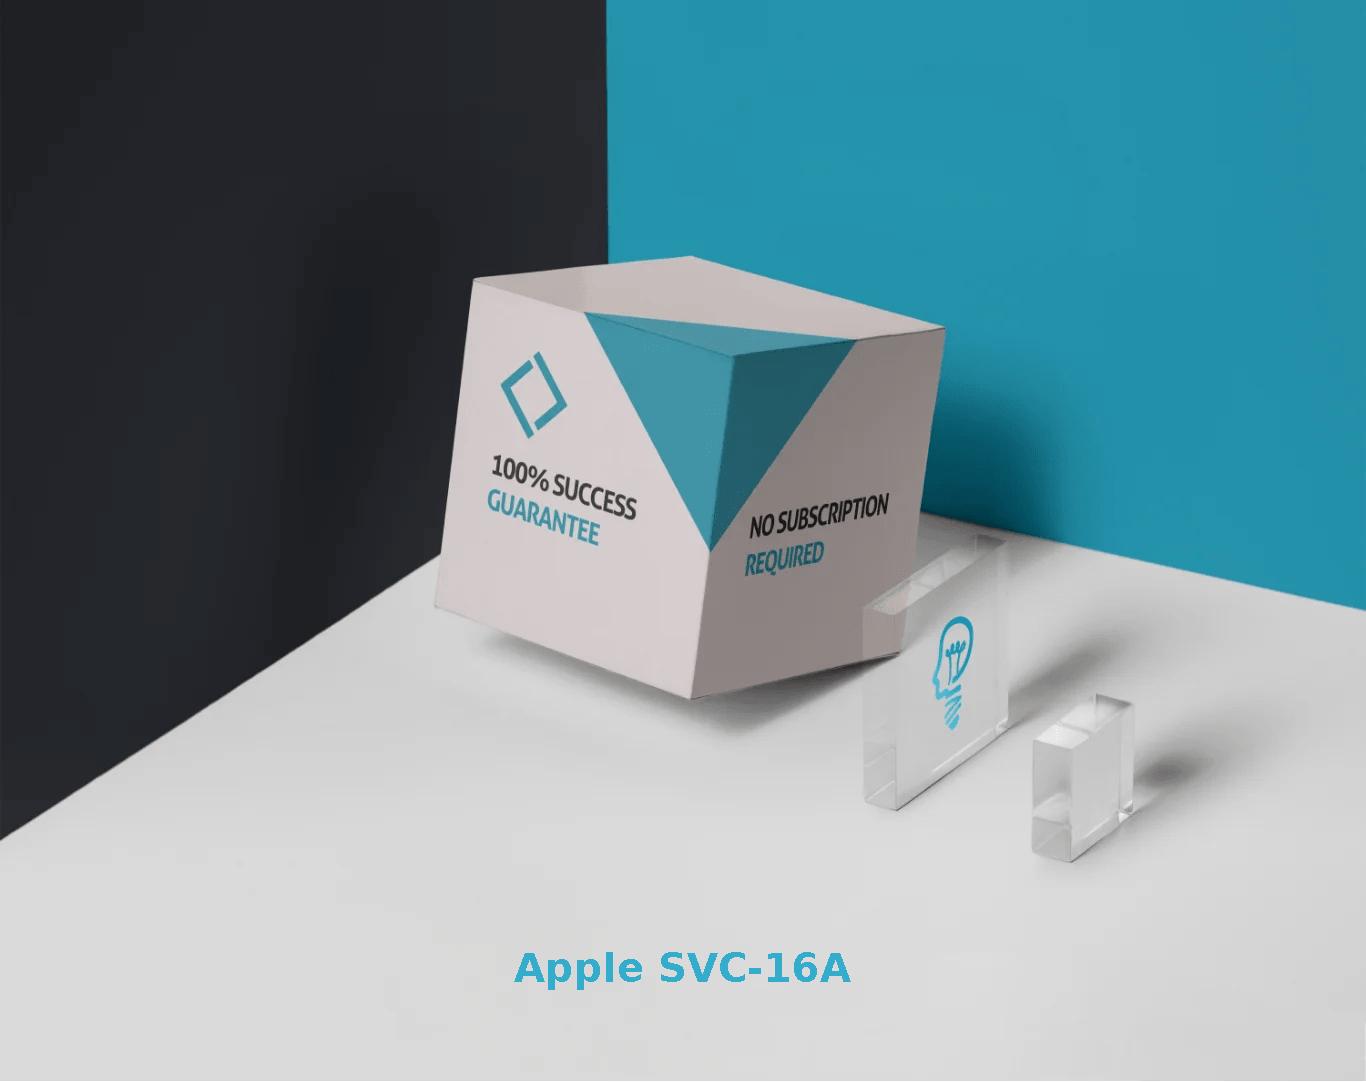 Apple SVC-16A Exams